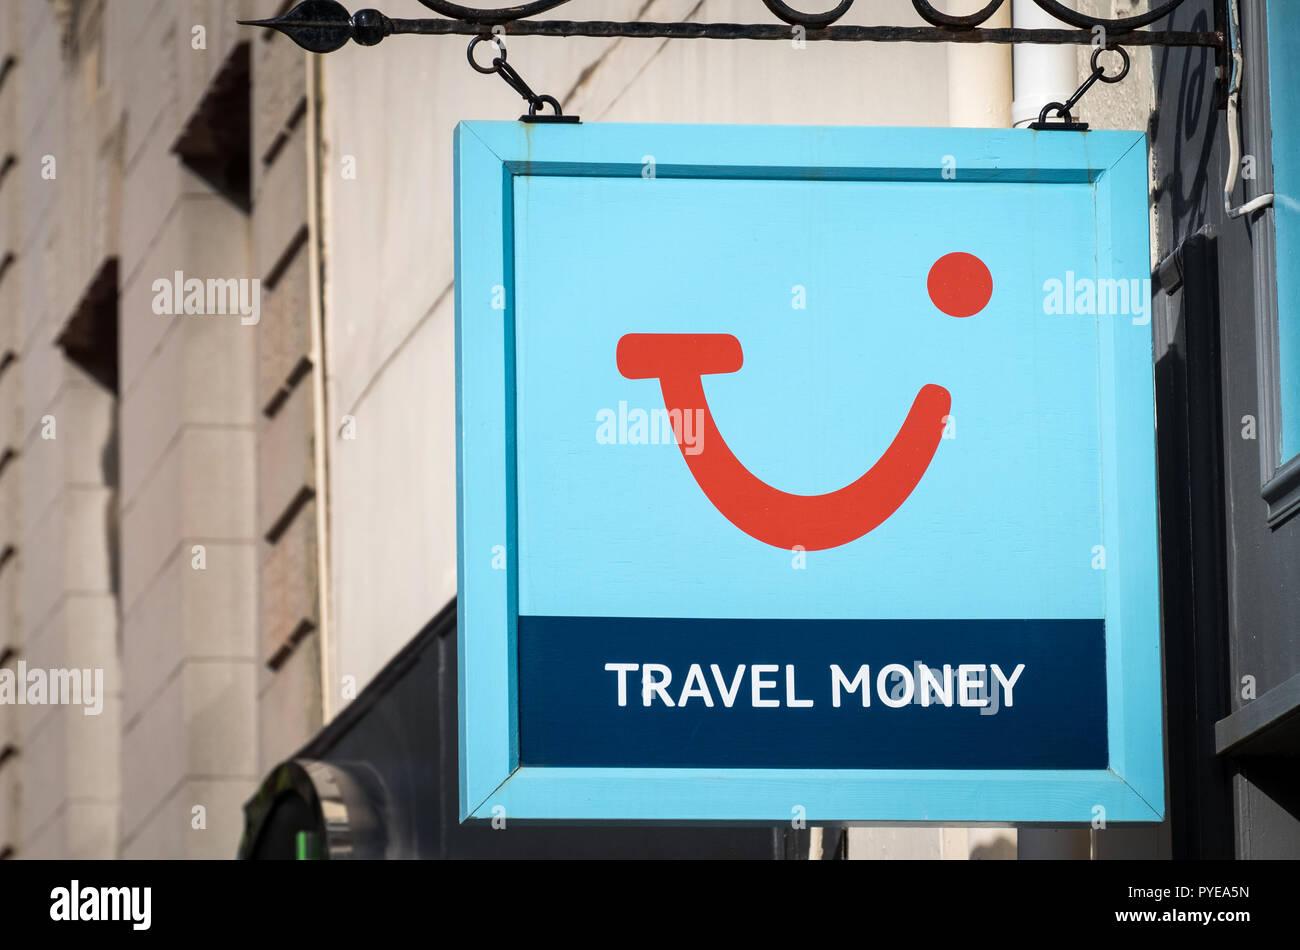 Tui voyage l'argent la boutique sign Photo Stock